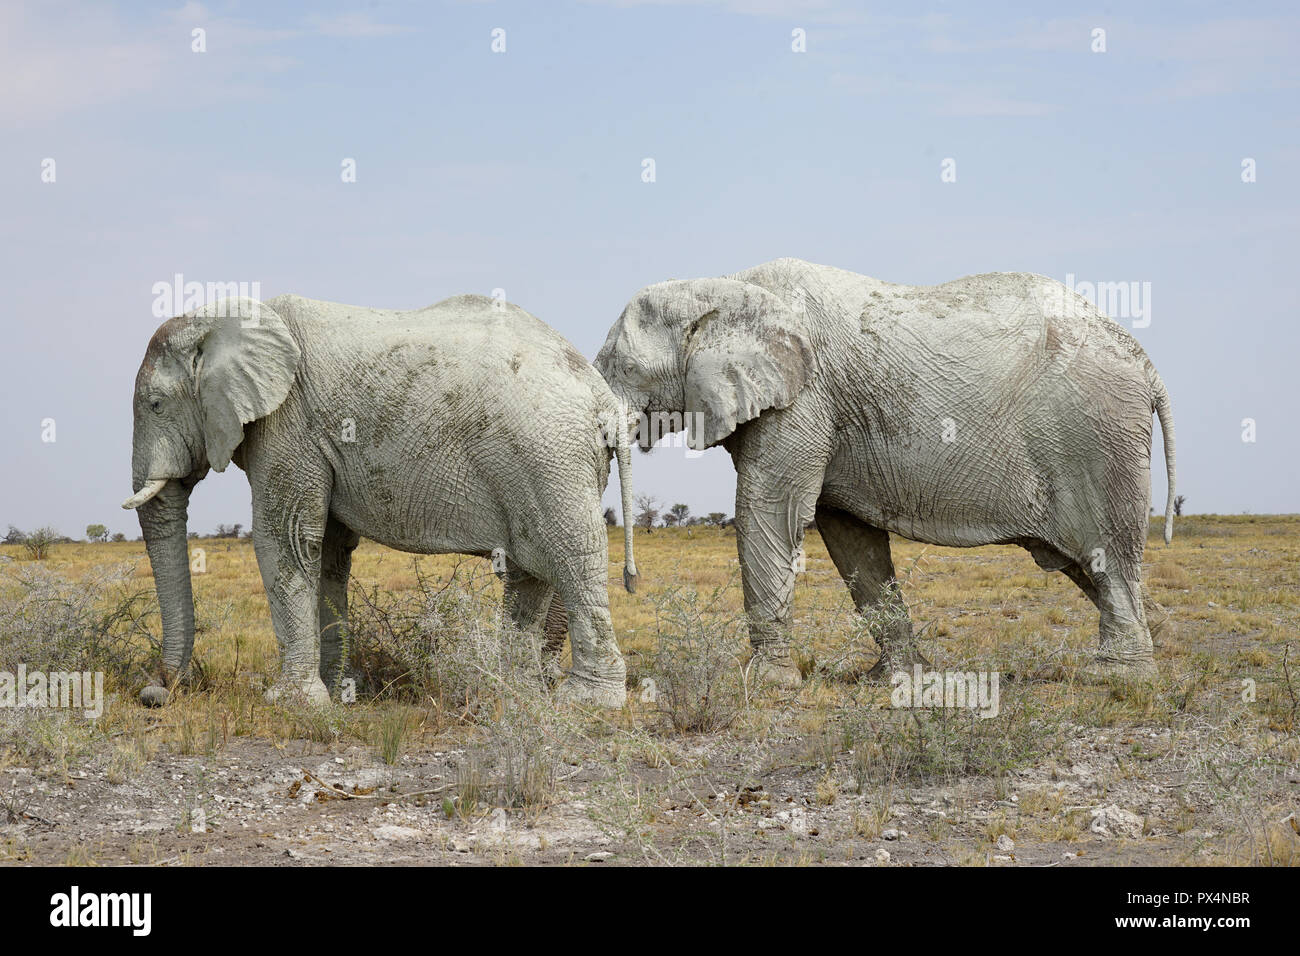 Zwei weiße männliche Elefanten, mit weissem bedeckt Schlamm, Parque Nacional de Etosha, Namibia, AfrikaNamibia, Afrika Foto de stock